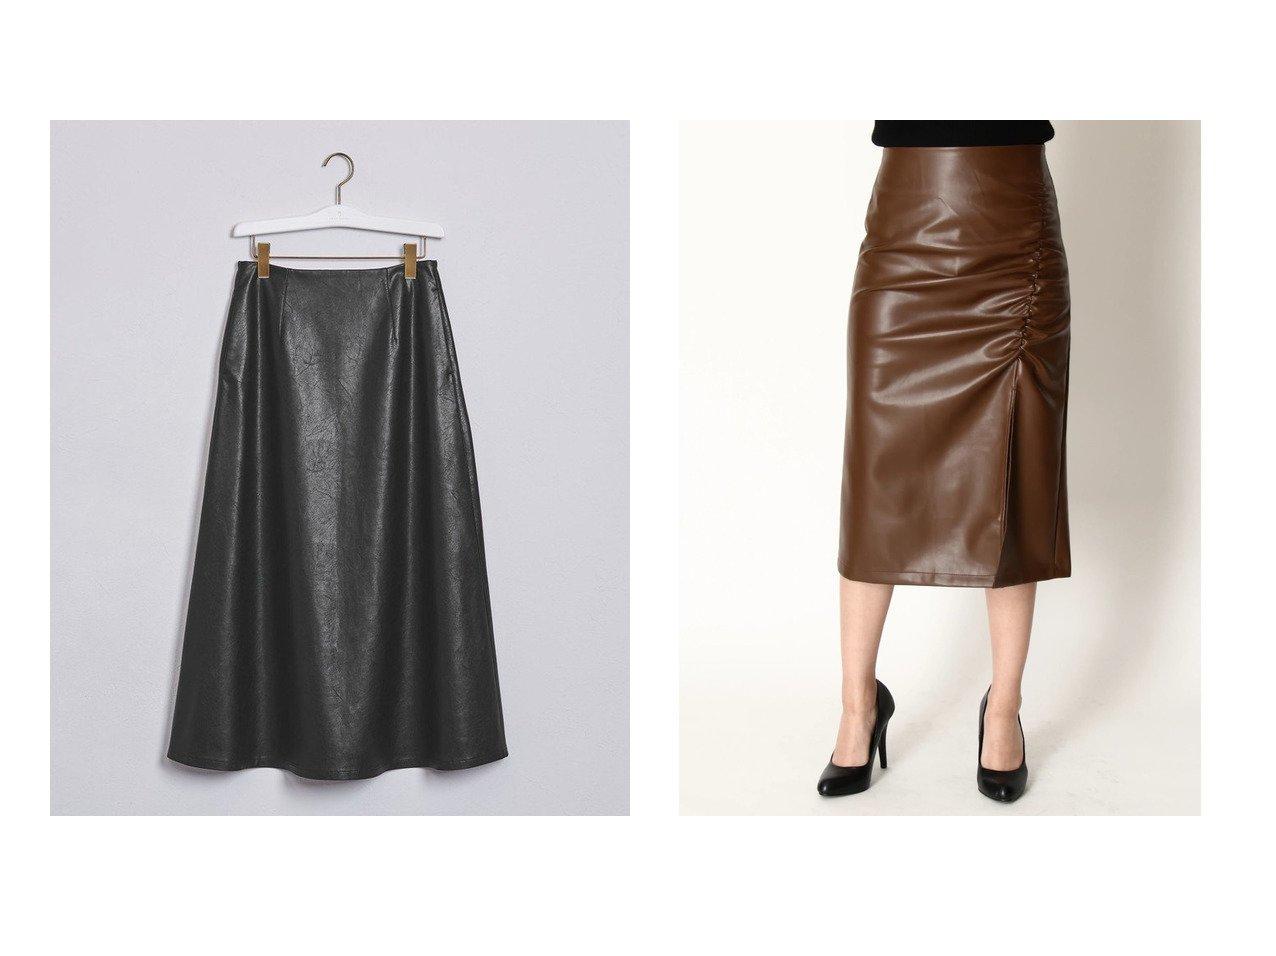 【UNITED ARROWS/ユナイテッドアローズ】のUWFM フェイクレザー スカート†&【DURAS/デュラス】のスリット入りフェイクレザースカート おすすめ!人気トレンド・レディースファッションの通販 おすすめで人気のファッション通販商品 インテリア・家具・キッズファッション・メンズファッション・レディースファッション・服の通販 founy(ファニー) https://founy.com/ ファッション Fashion レディース WOMEN スカート Skirt Aライン/フレアスカート Flared A-Line Skirts トレンド フェイクレザー フェミニン ポケット スリット タイトスカート ロング |ID:crp329100000006467